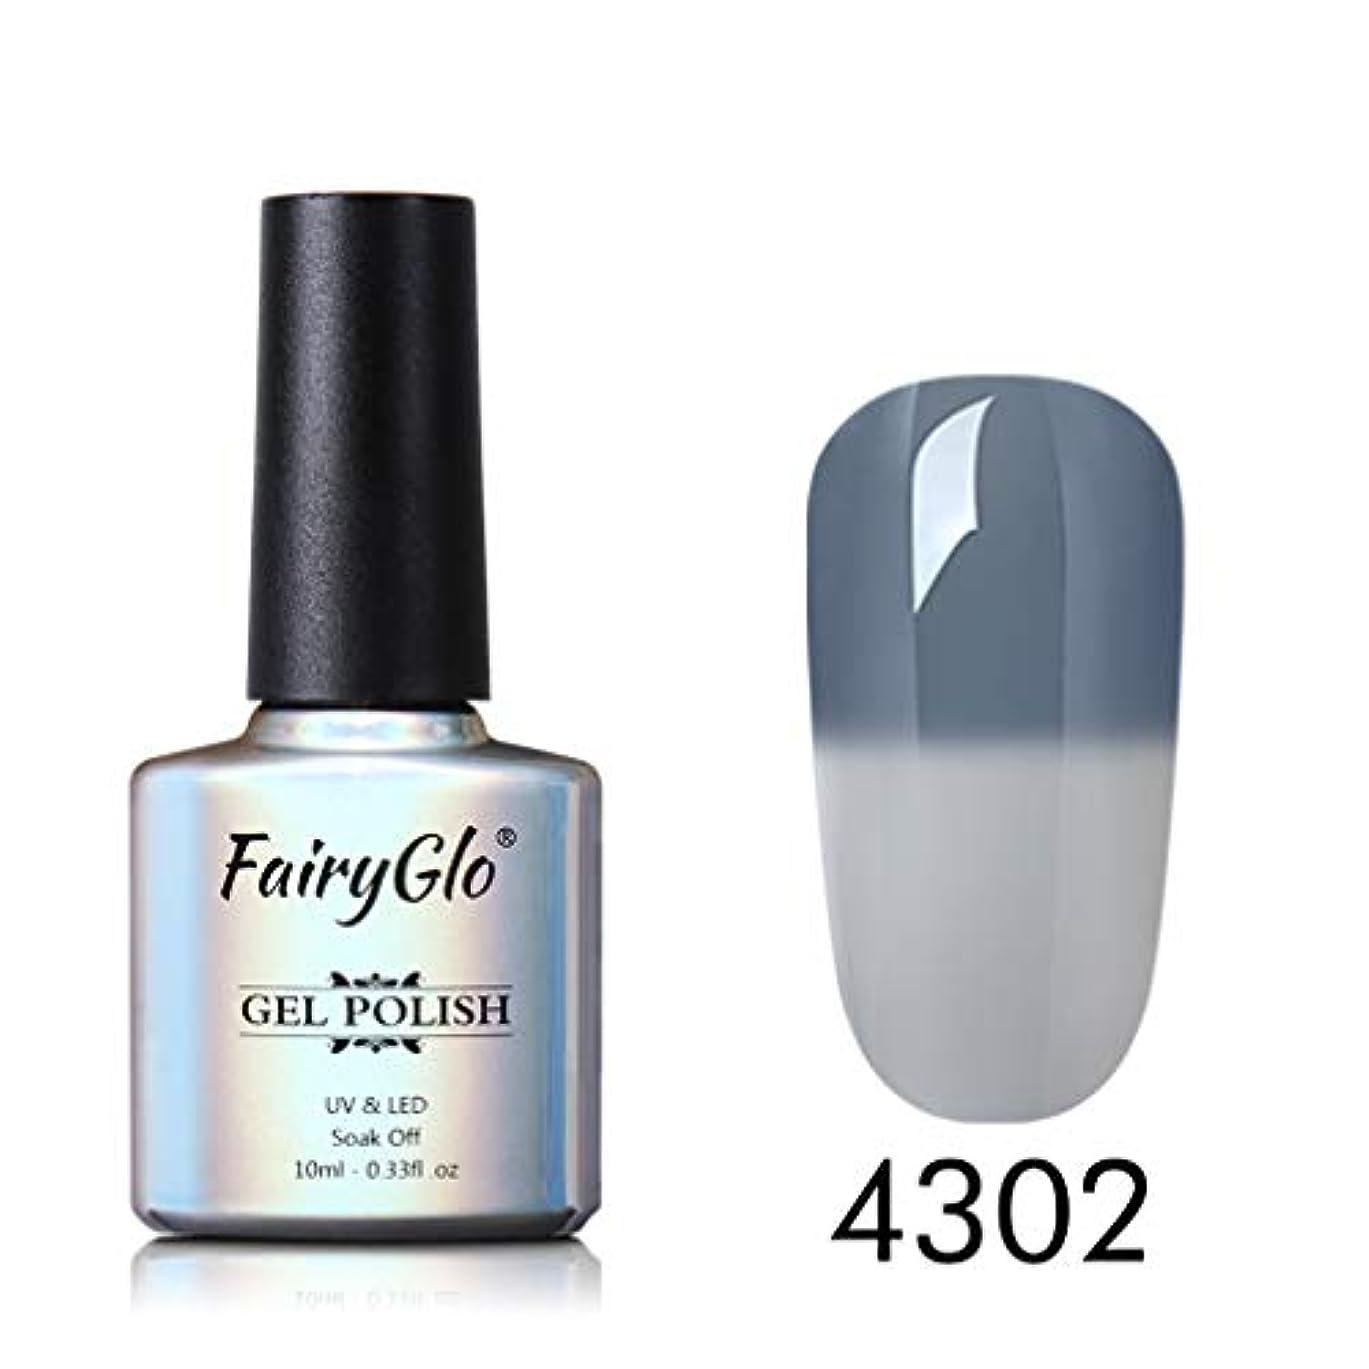 不要傾向眉Fairyglo ジェルネイル カラージェル グレー カメレオンカラージェル 温度により色が変化 1色入り 10ml 【全6色選択可】